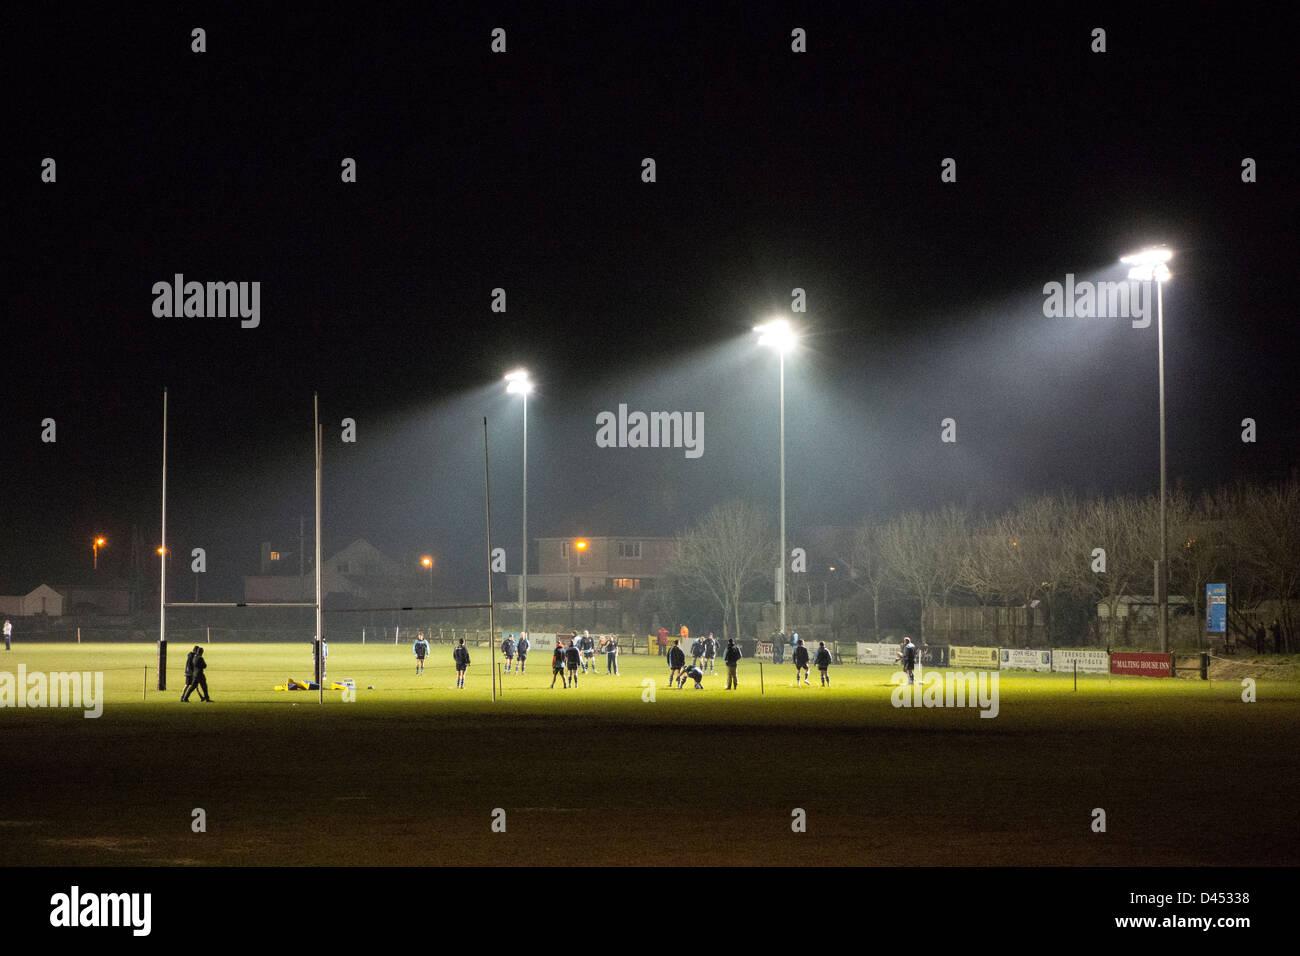 Los jugadores de rugby ejercer sobre el tono por la noche, iluminado por bañadores - cerca de Dublin, Irlanda Imagen De Stock